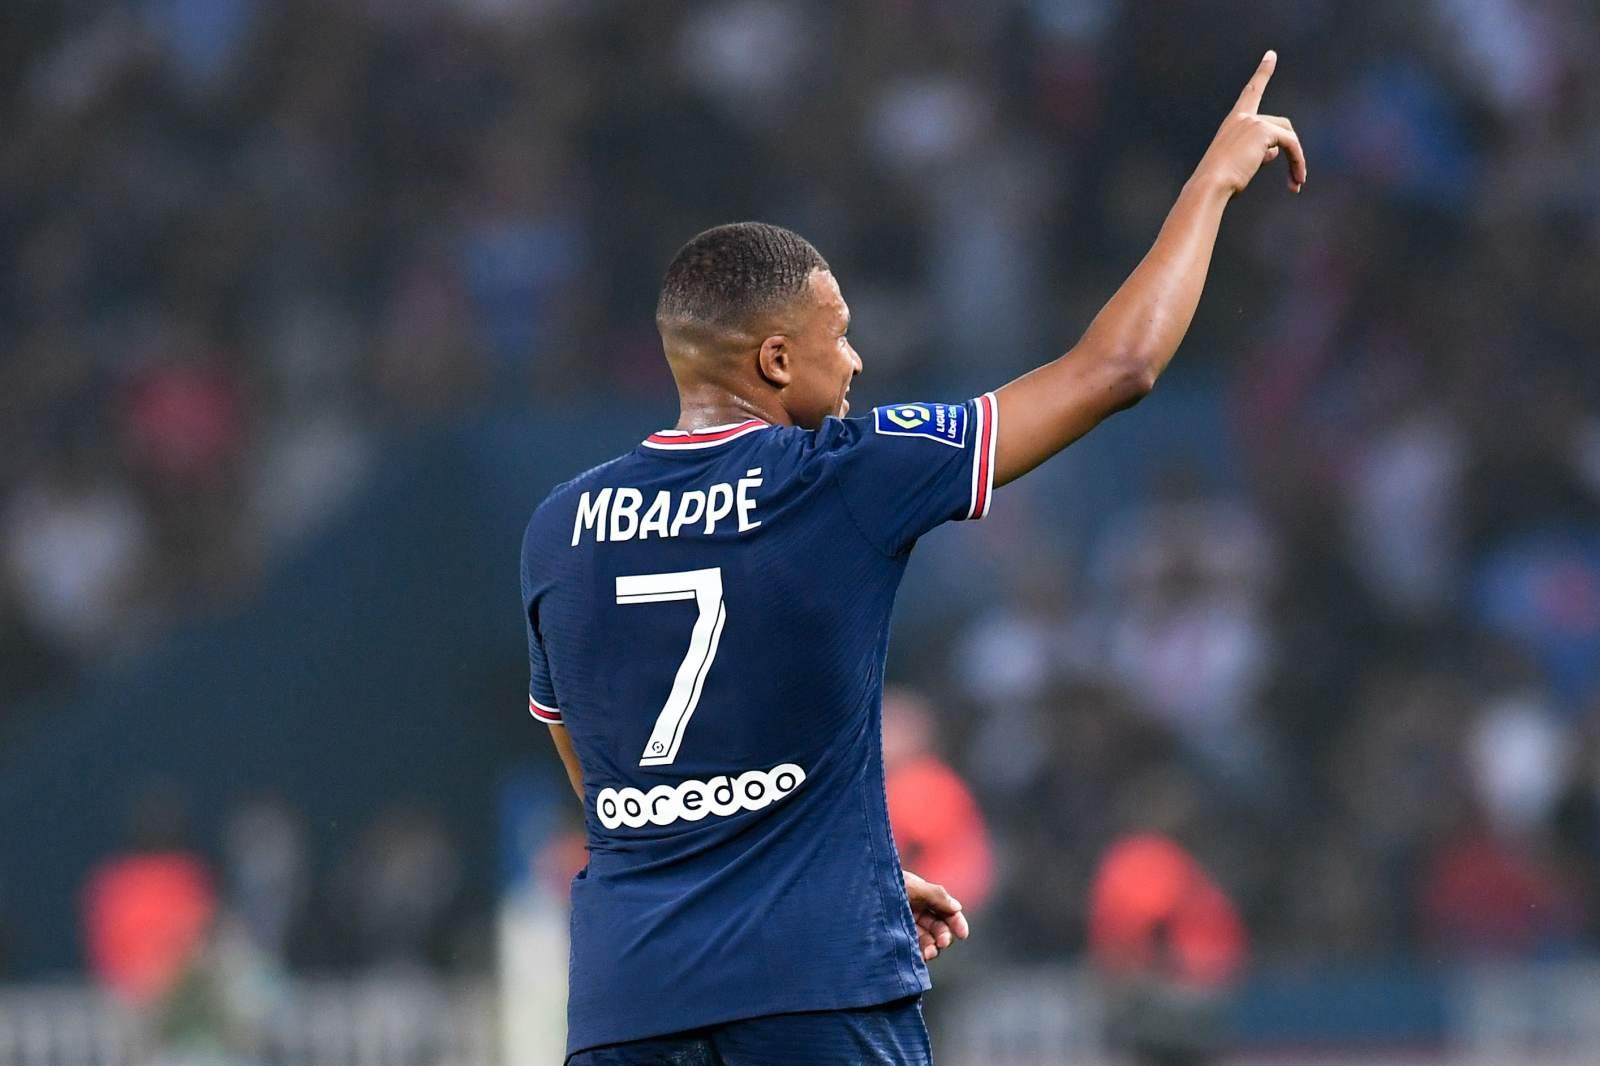 Мбаппе - второй по голам в топ-5 лигах среди игроков не старше 23 лет